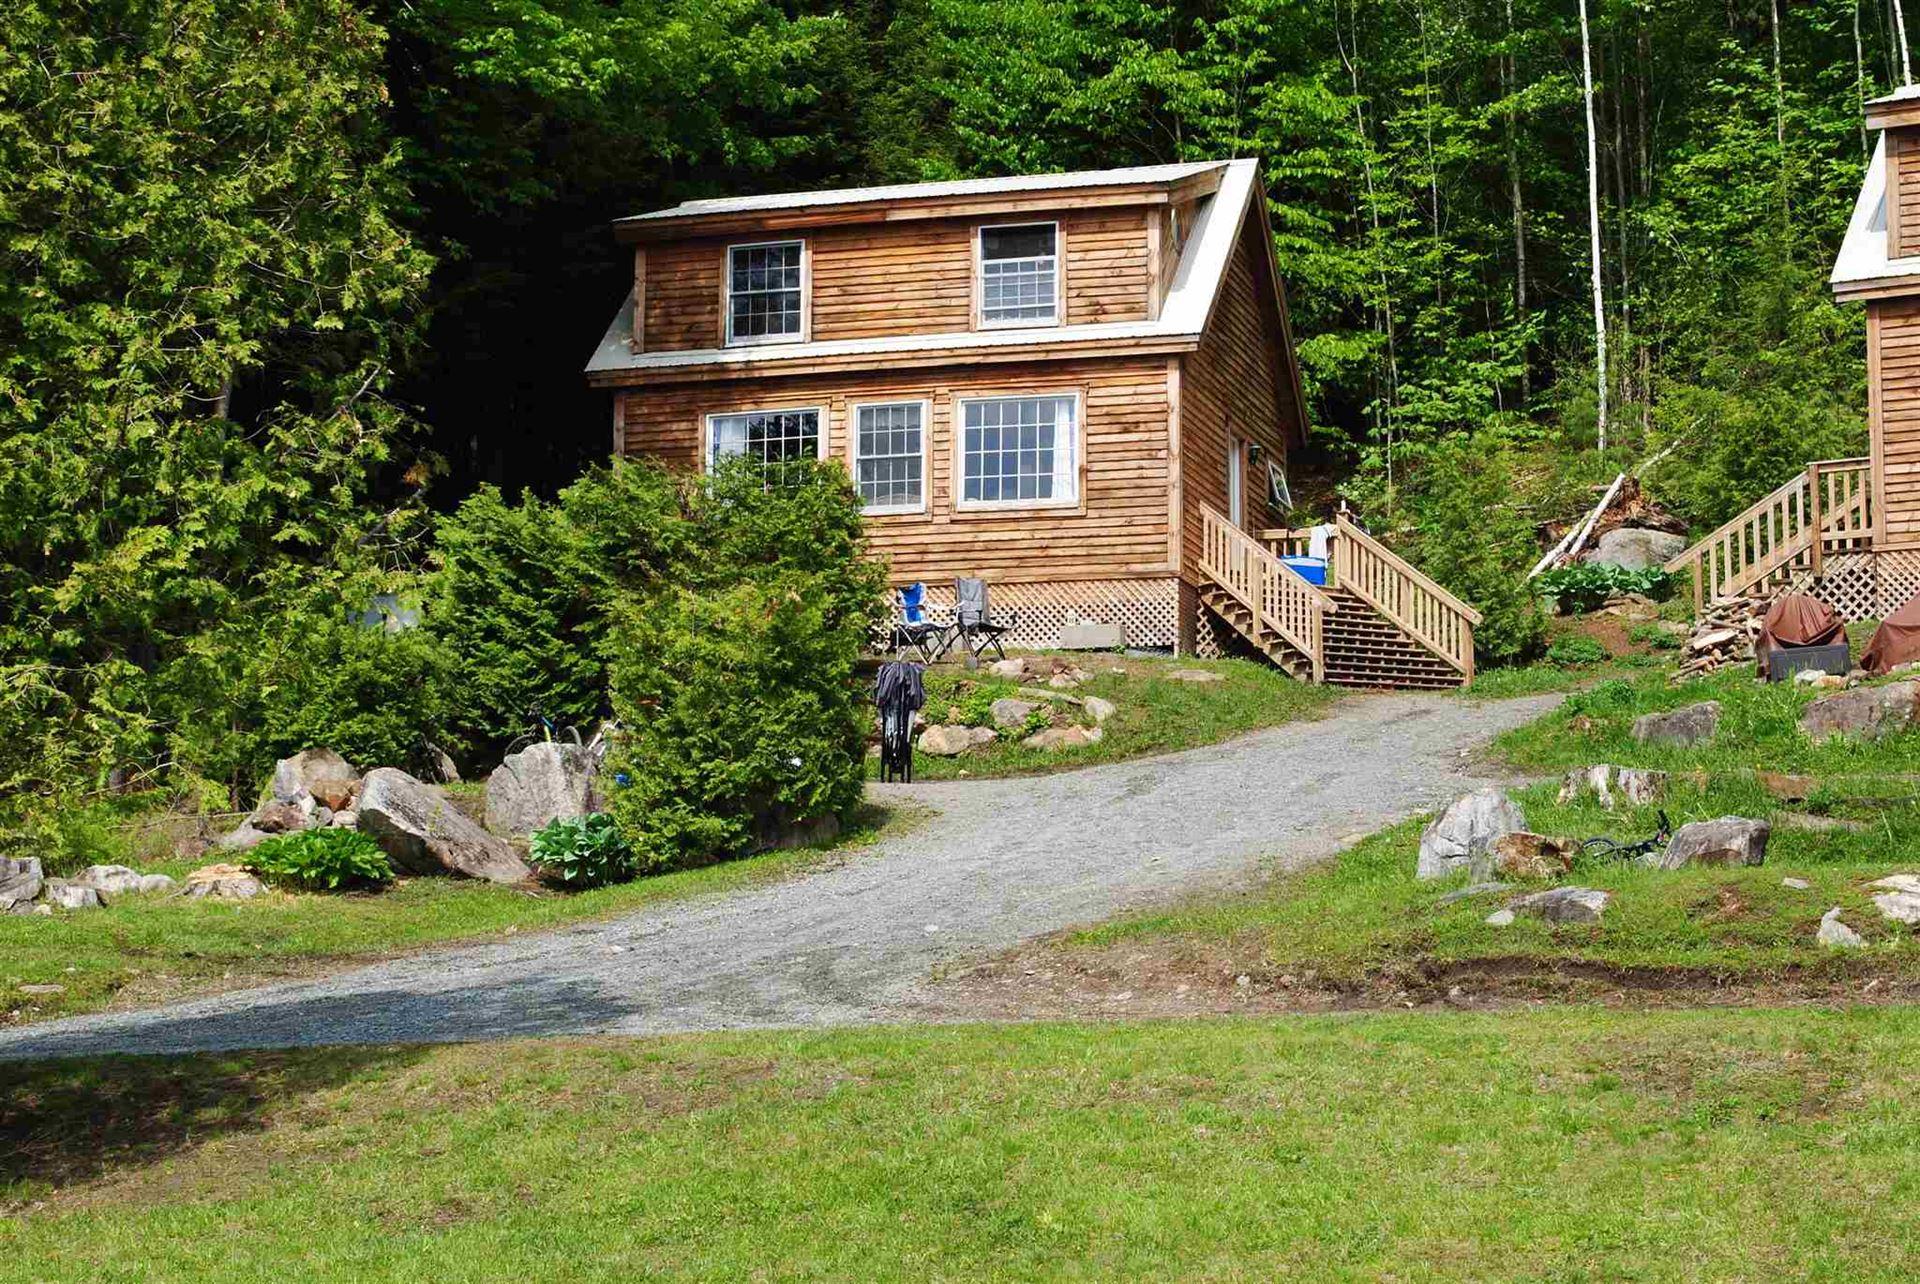 Cabin # 7 Campers Lane, Barnet, VT 05821 - #: 4808997